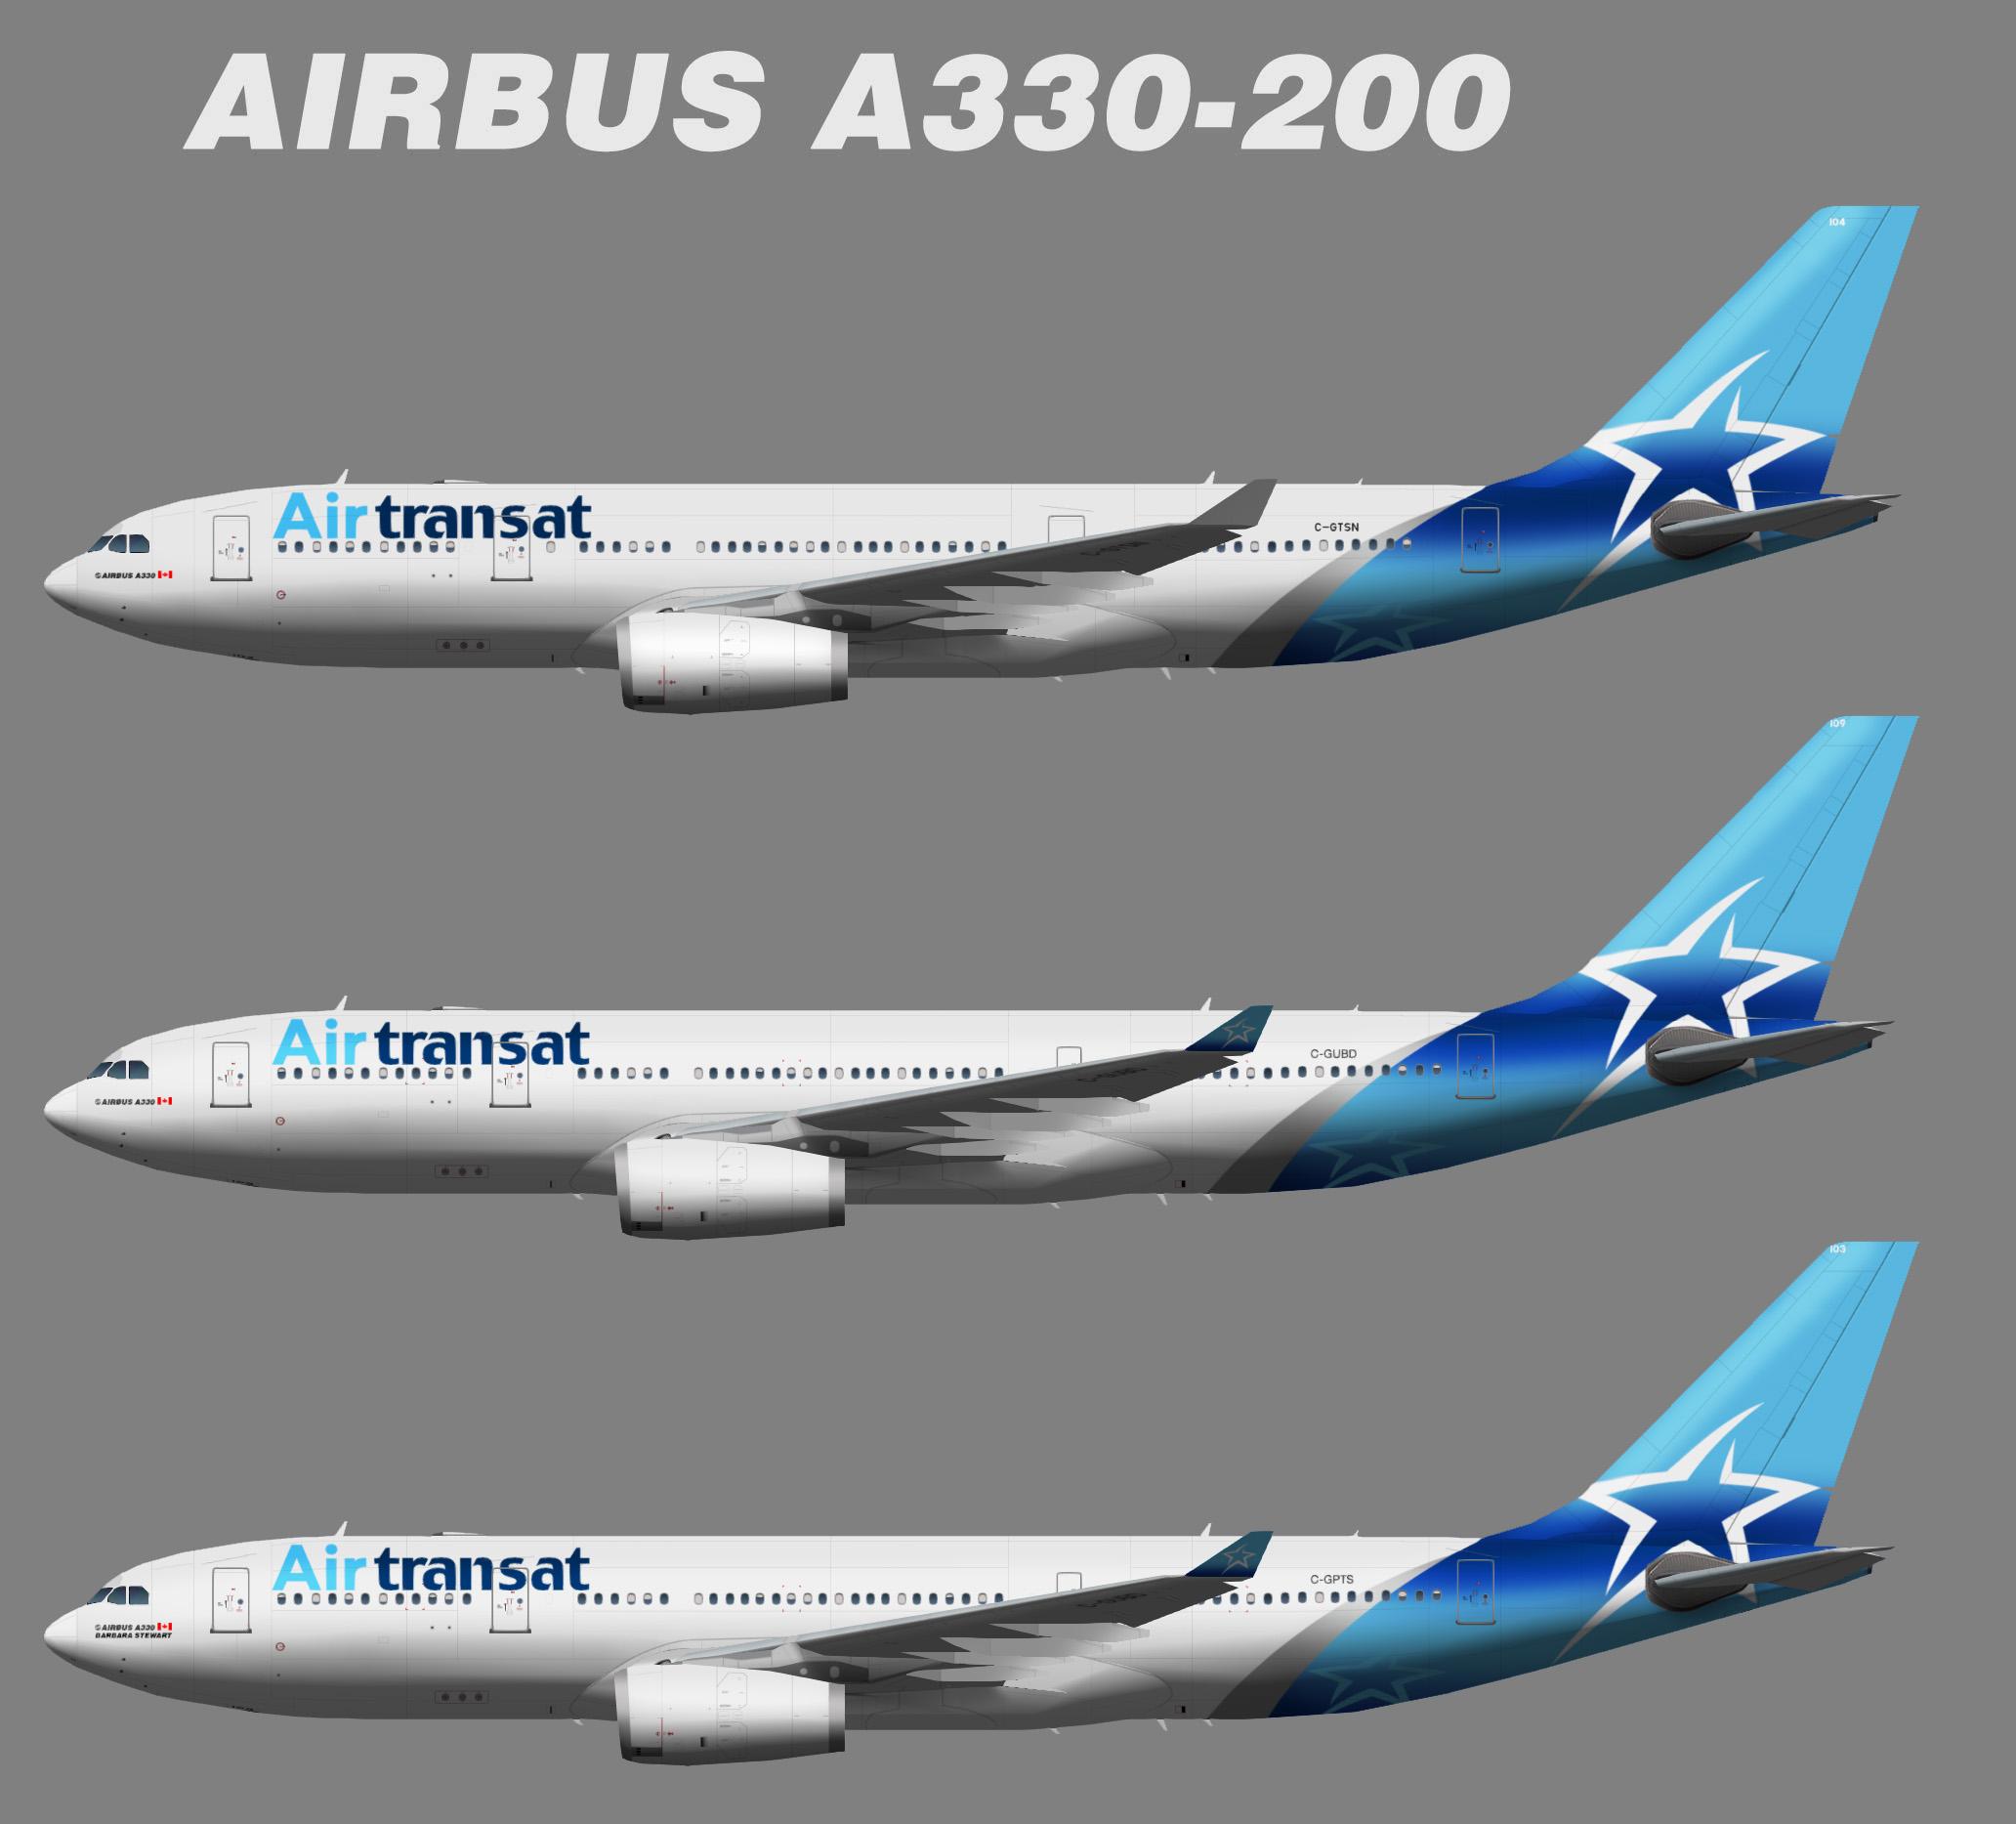 TFS AirTransat Airbus A330-200